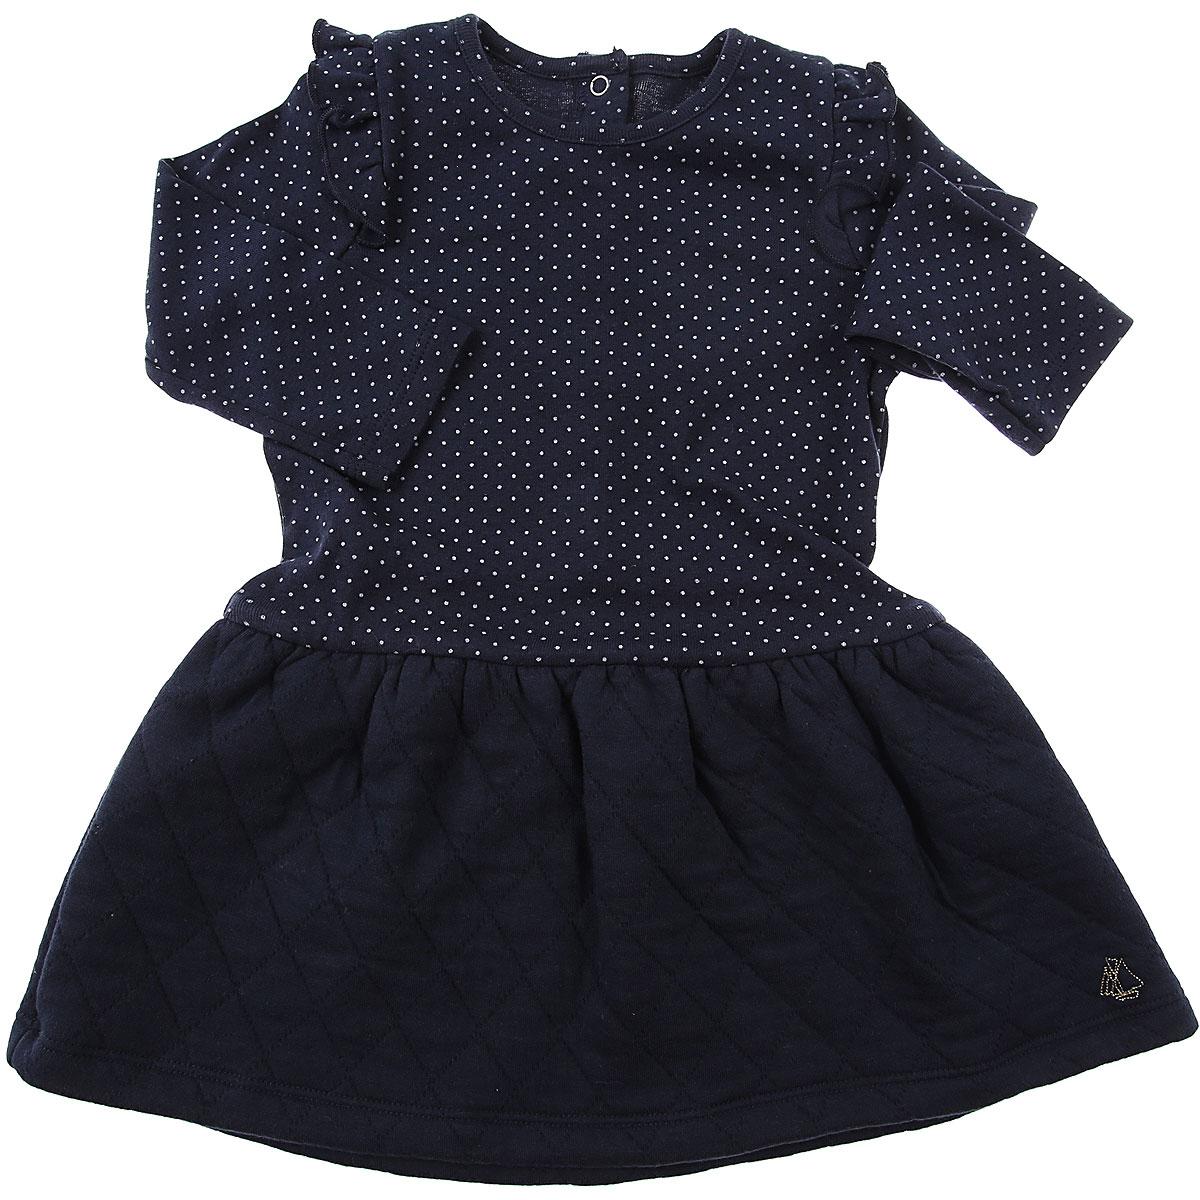 Petit Bateau Baby Dress for Girls On Sale, Blue, Cotton, 2019, 12M 18M 2Y 6M